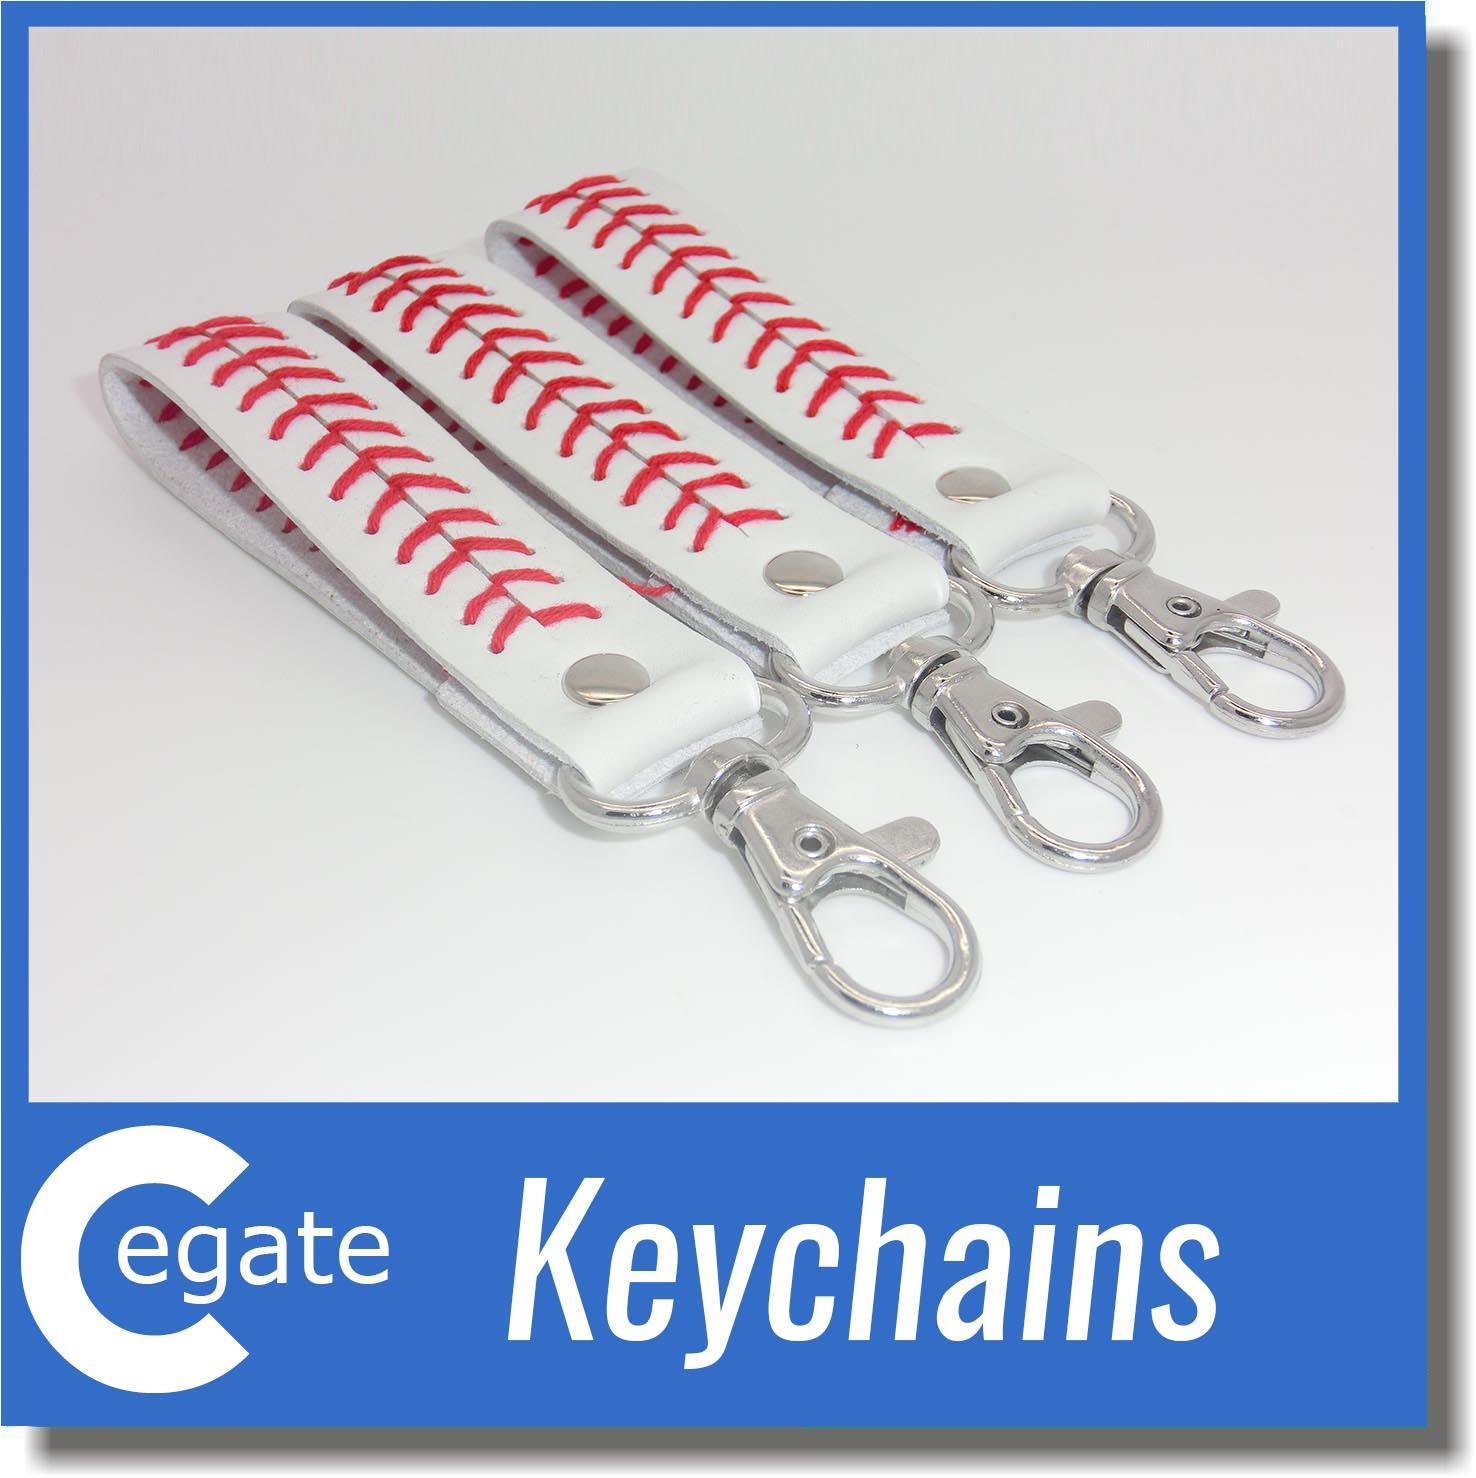 DHL livraison gratuite accessoires de softball, porte-clés de softball, porte-clés de softball